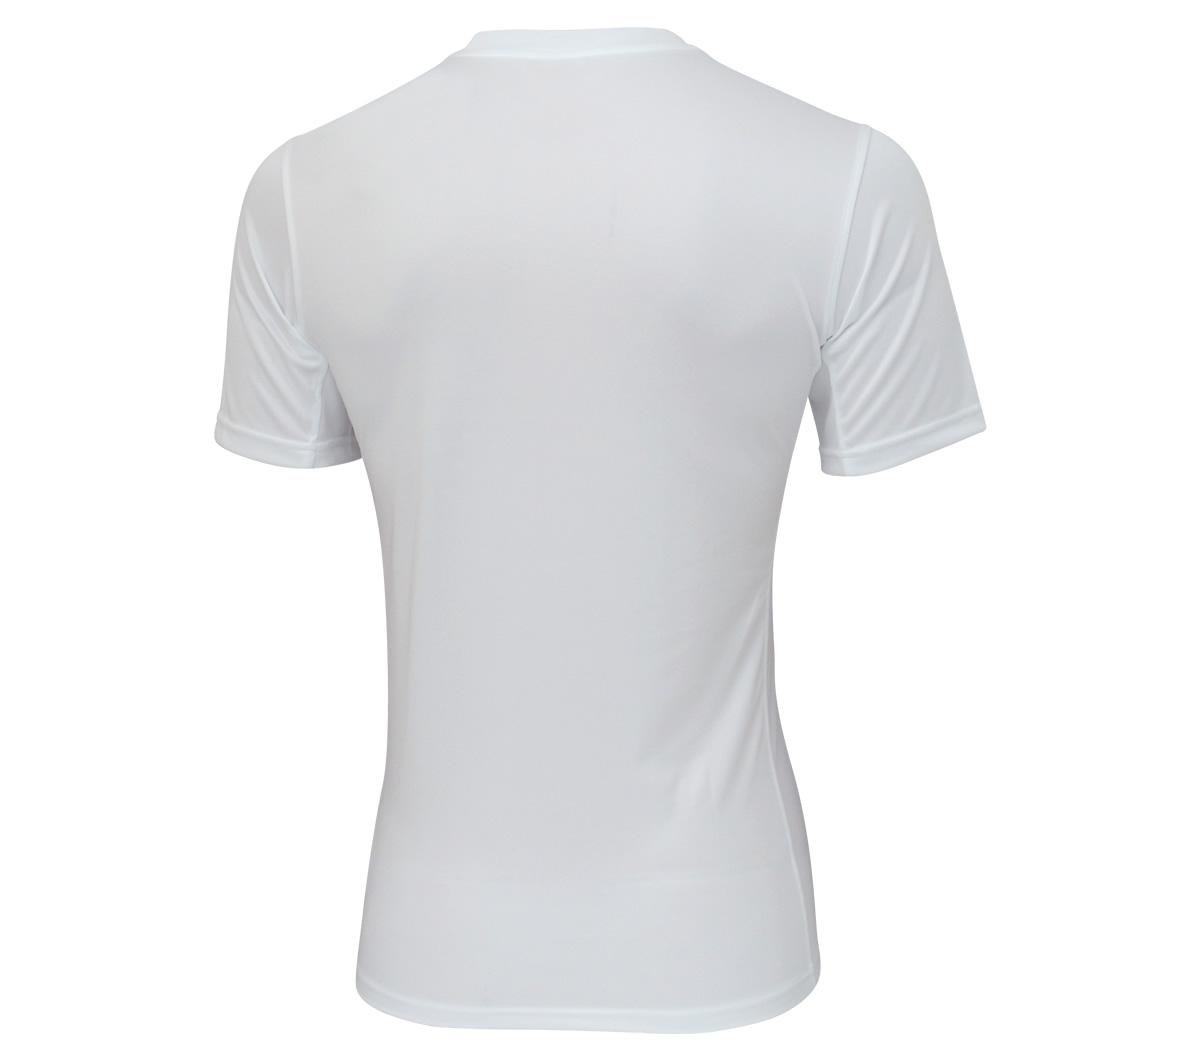 910afca6d65c4 Camisa Nike Park V Branca - Mundo do Futebol